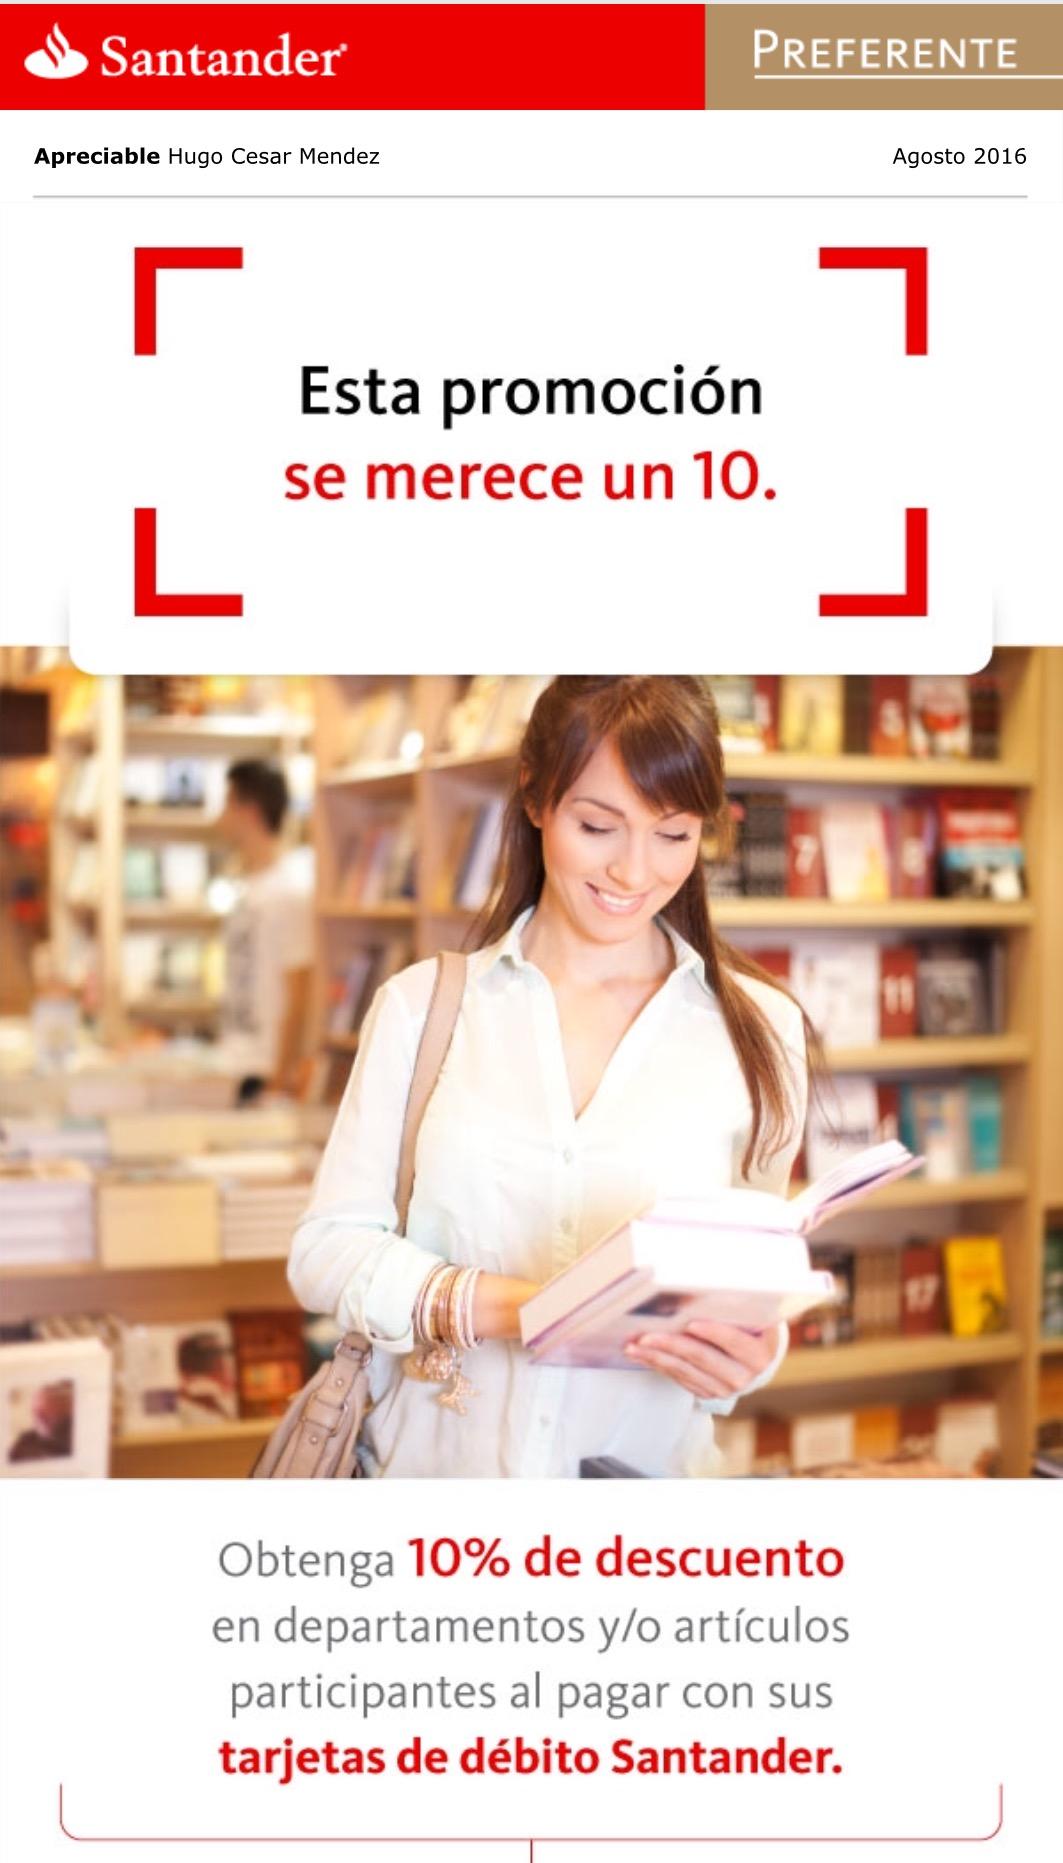 Sanborns: 10% de descuento tarjetas de débito Santander (tienda física) en departamentos participantes